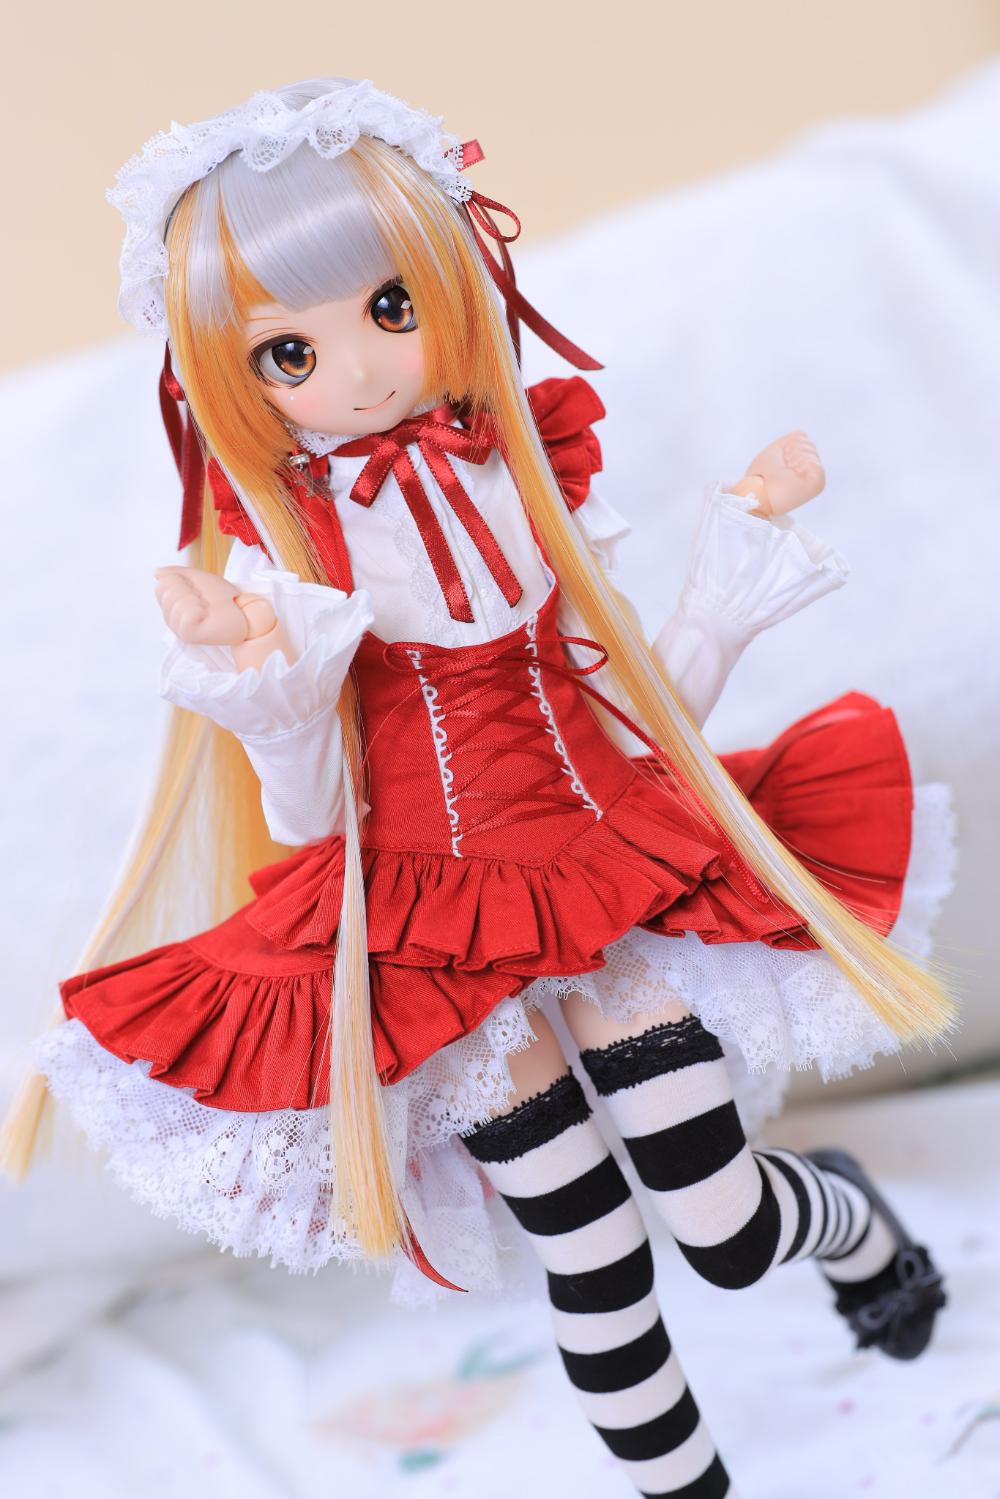 心夜/Garbage on in 2020 Anime dolls, Dolls, Cute